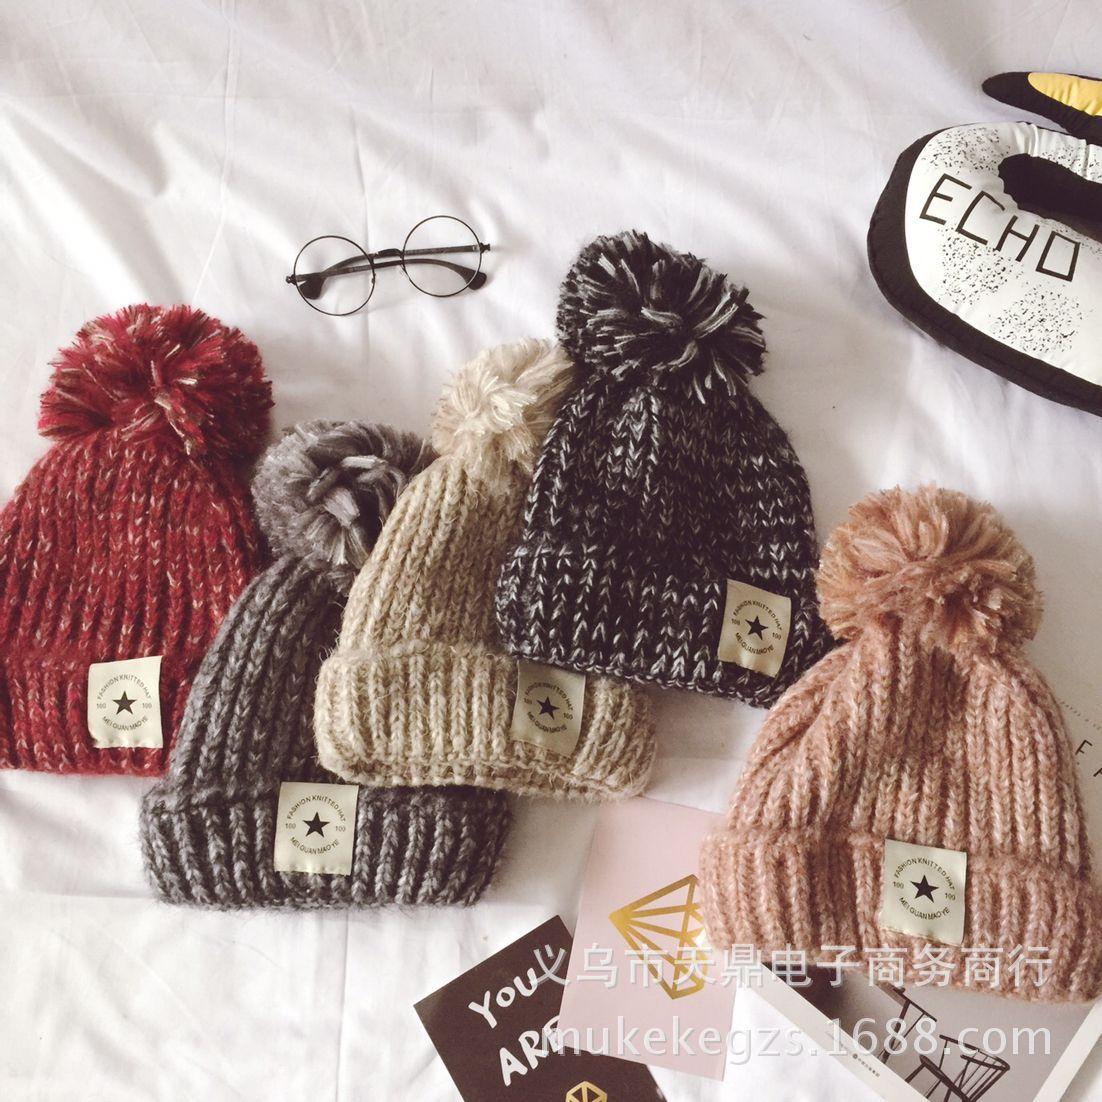 新款成人加絨五星貼標花線撞色毛線帽子 秋冬保暖護耳針織帽子